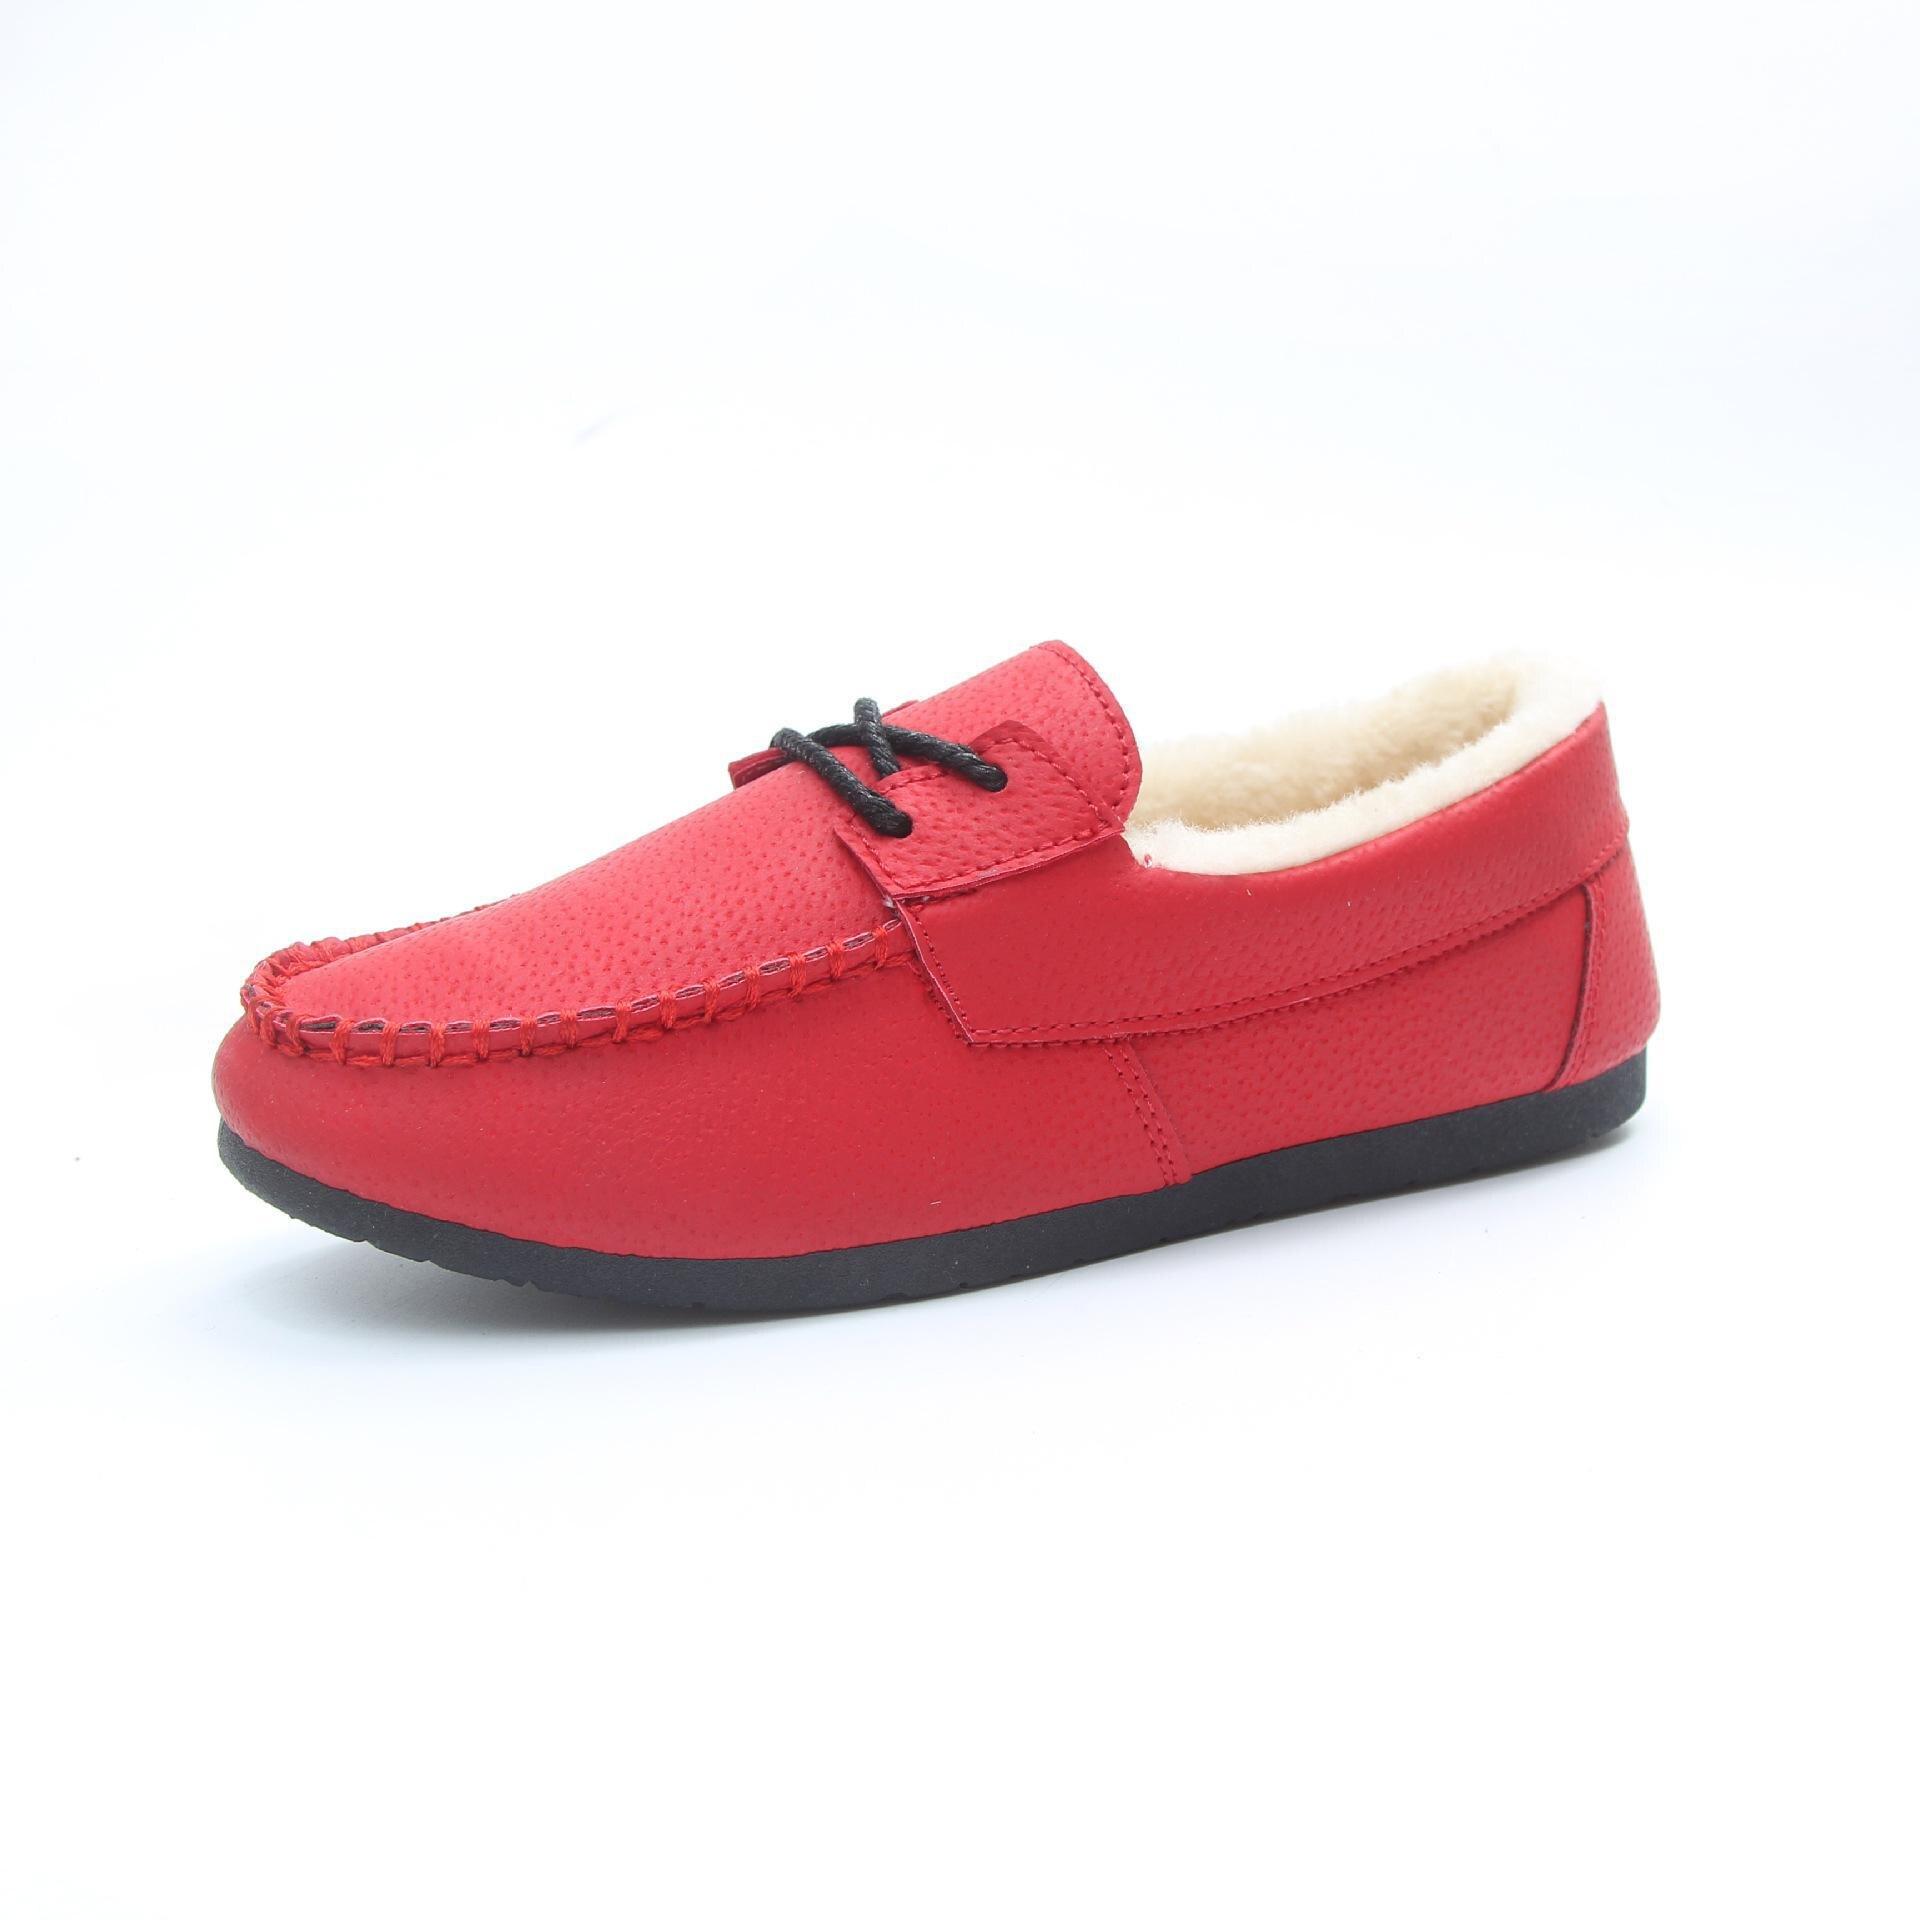 c56e1bbe394 Baja Caliente Femenino Perezoso gris Casual Zapatos verde Boca caqui Pedal  Invierno rojo Y Negro Nuevo ...